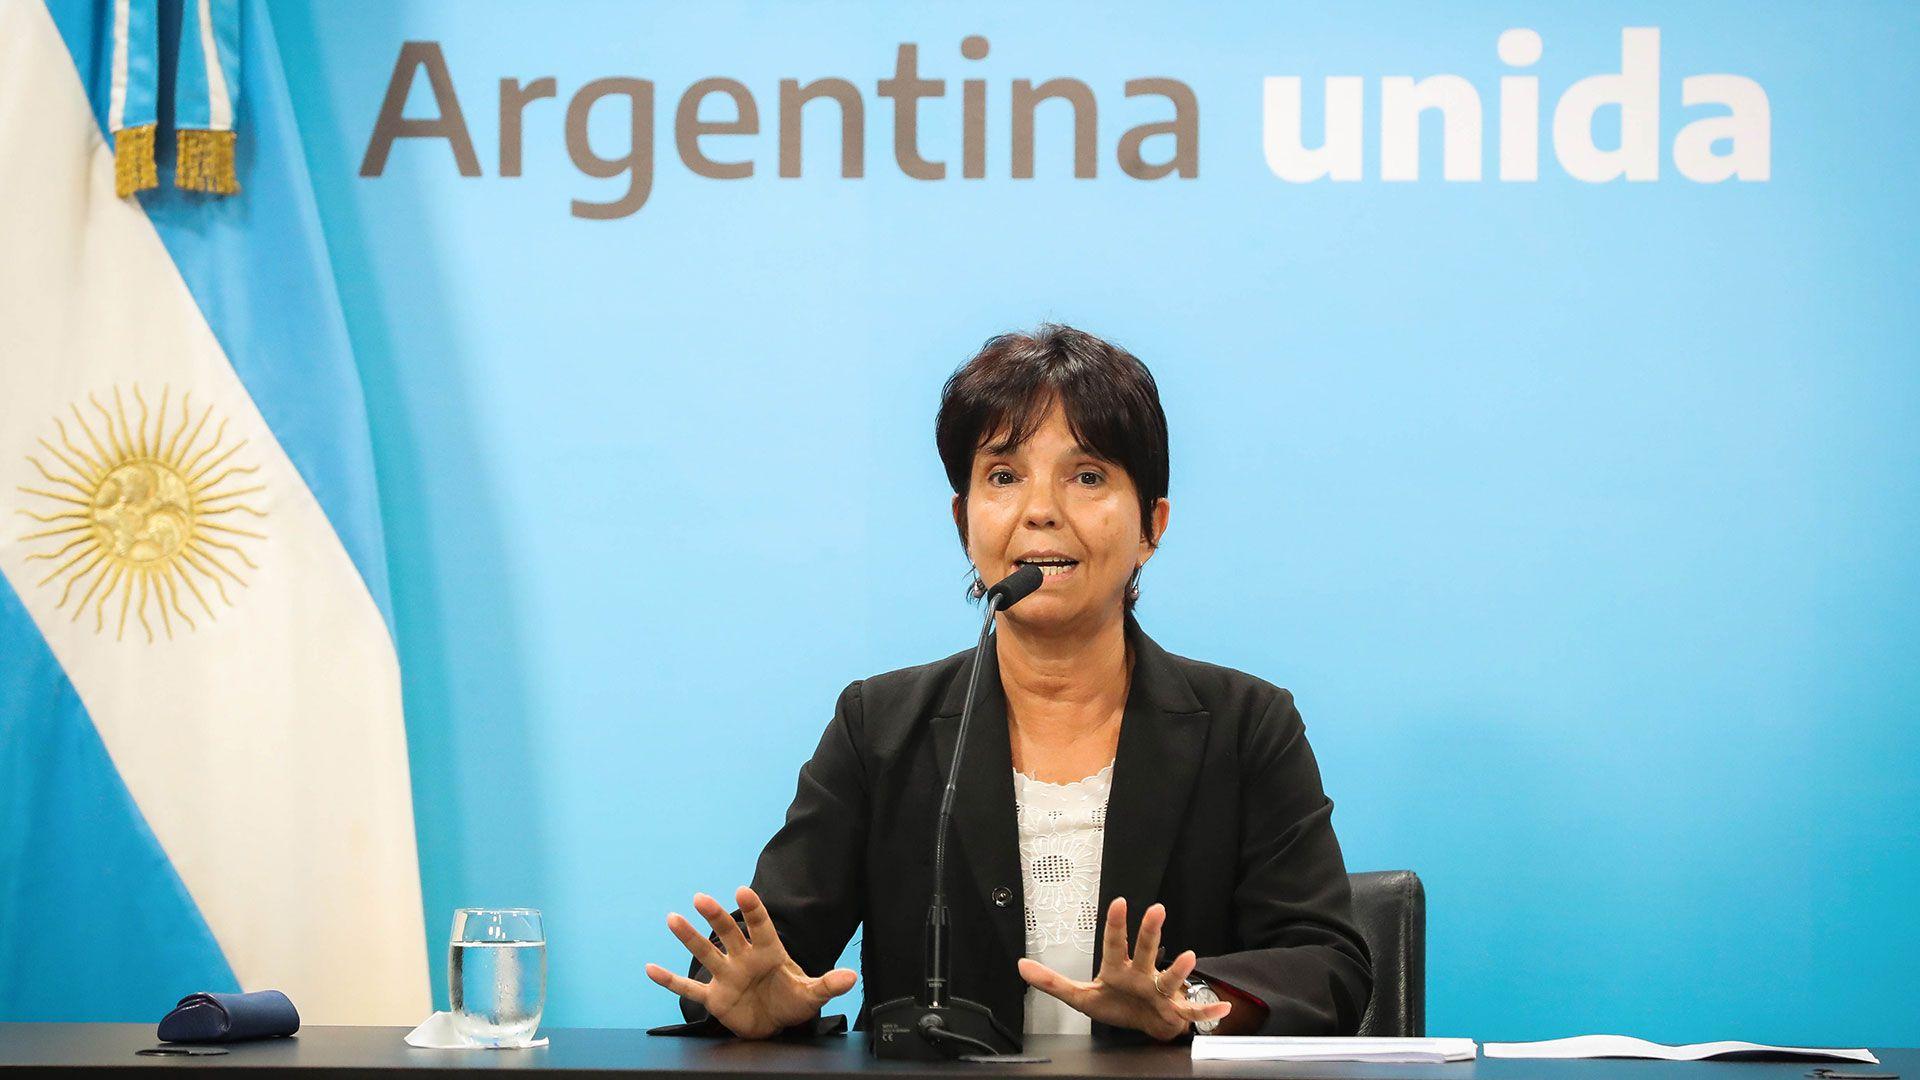 La directora de la AFIP, Mercedes Marcó del Pont, acusa diariamente los efectos de la pérdida de capacidad contributiva de las familias y empresas por la cuarentena (Télam)